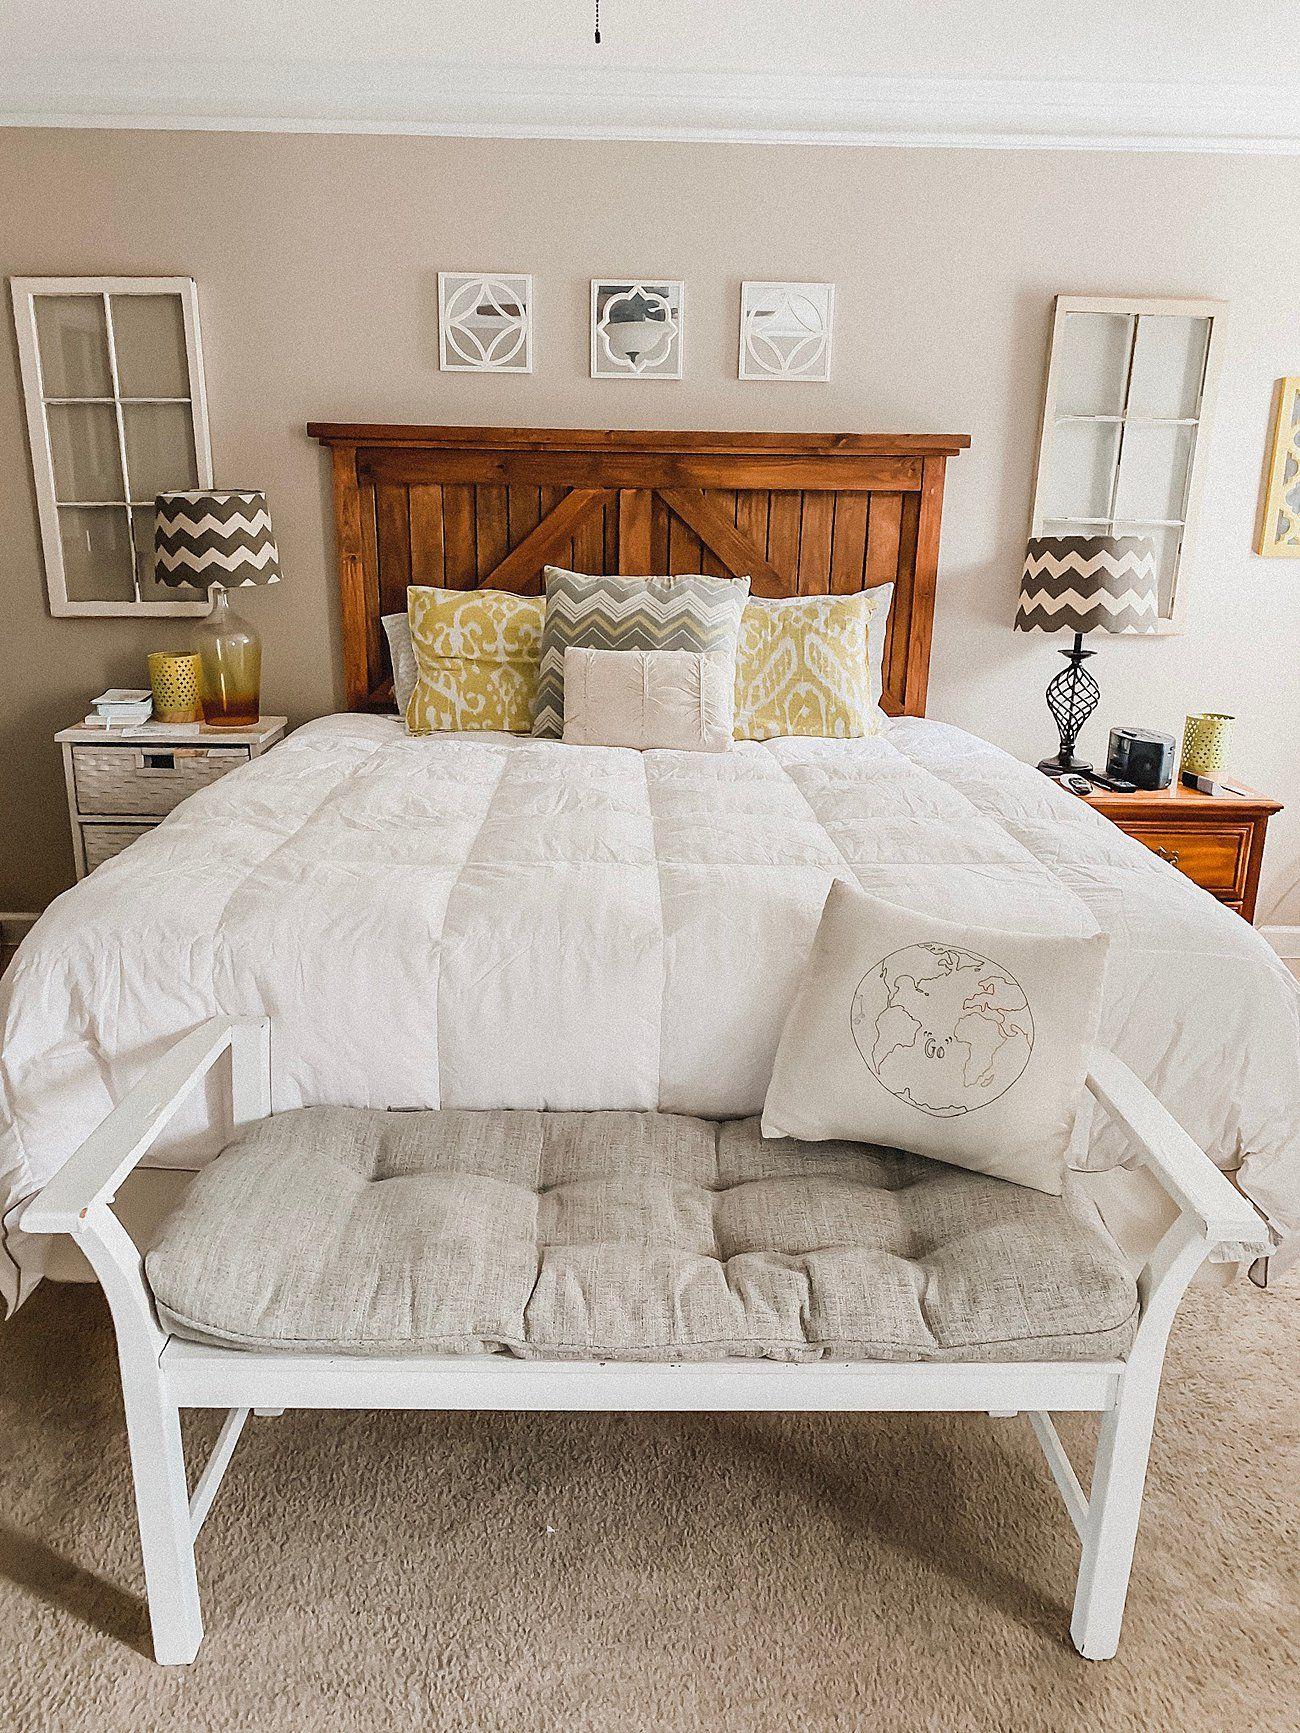 We Finally Got A King Bed Saatva Mattress Review